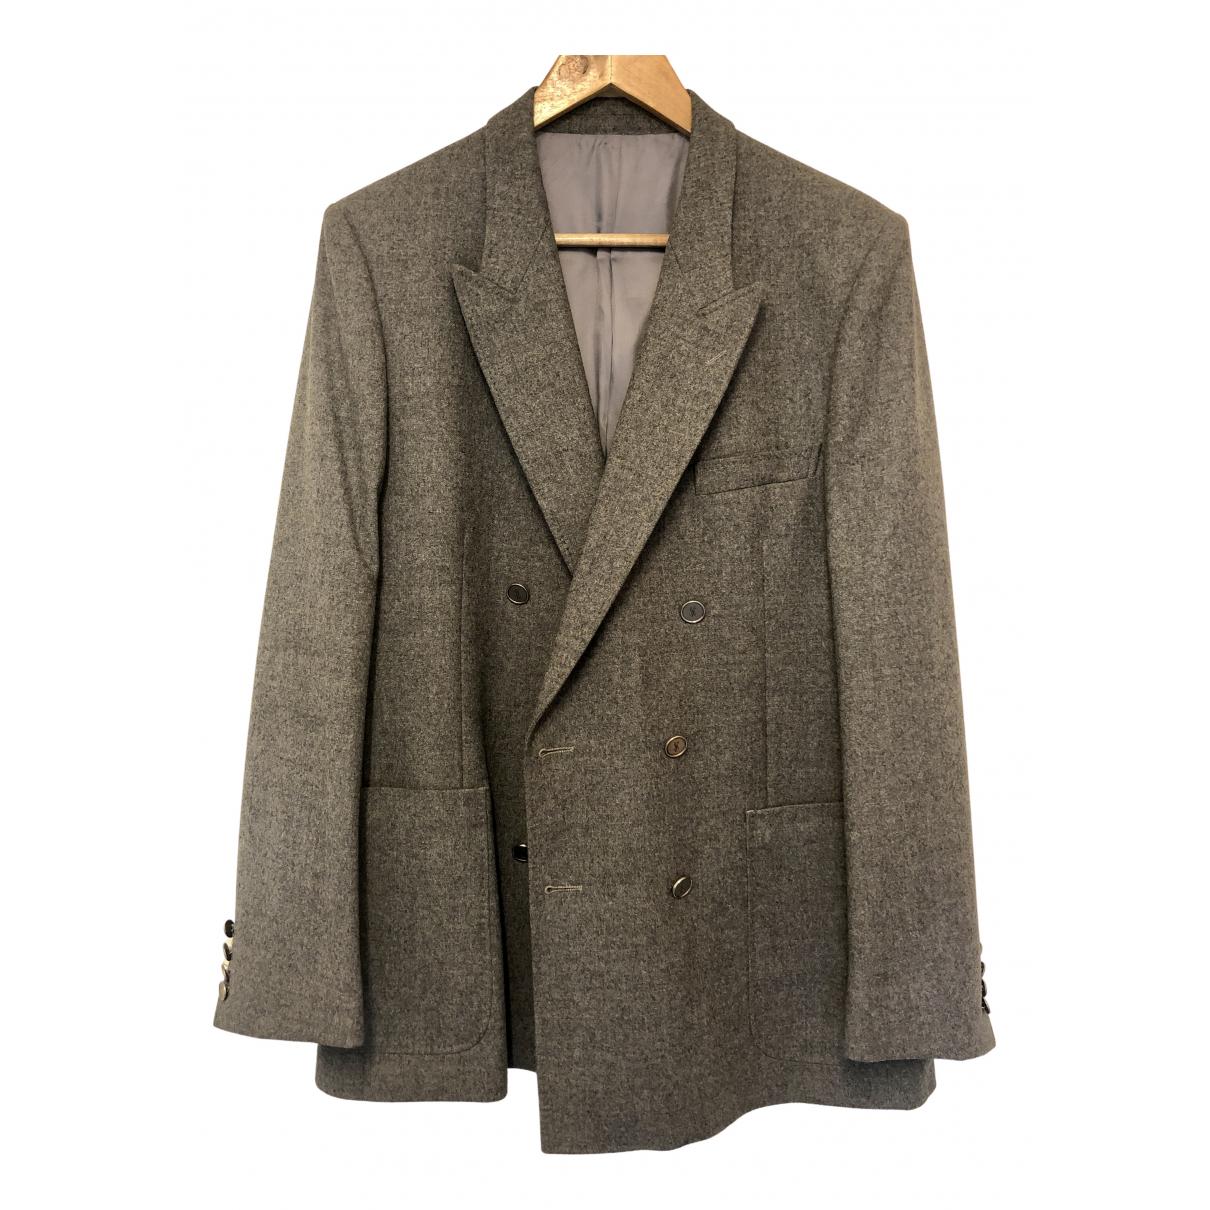 Yves Saint Laurent - Vestes.Blousons   pour homme en laine - gris